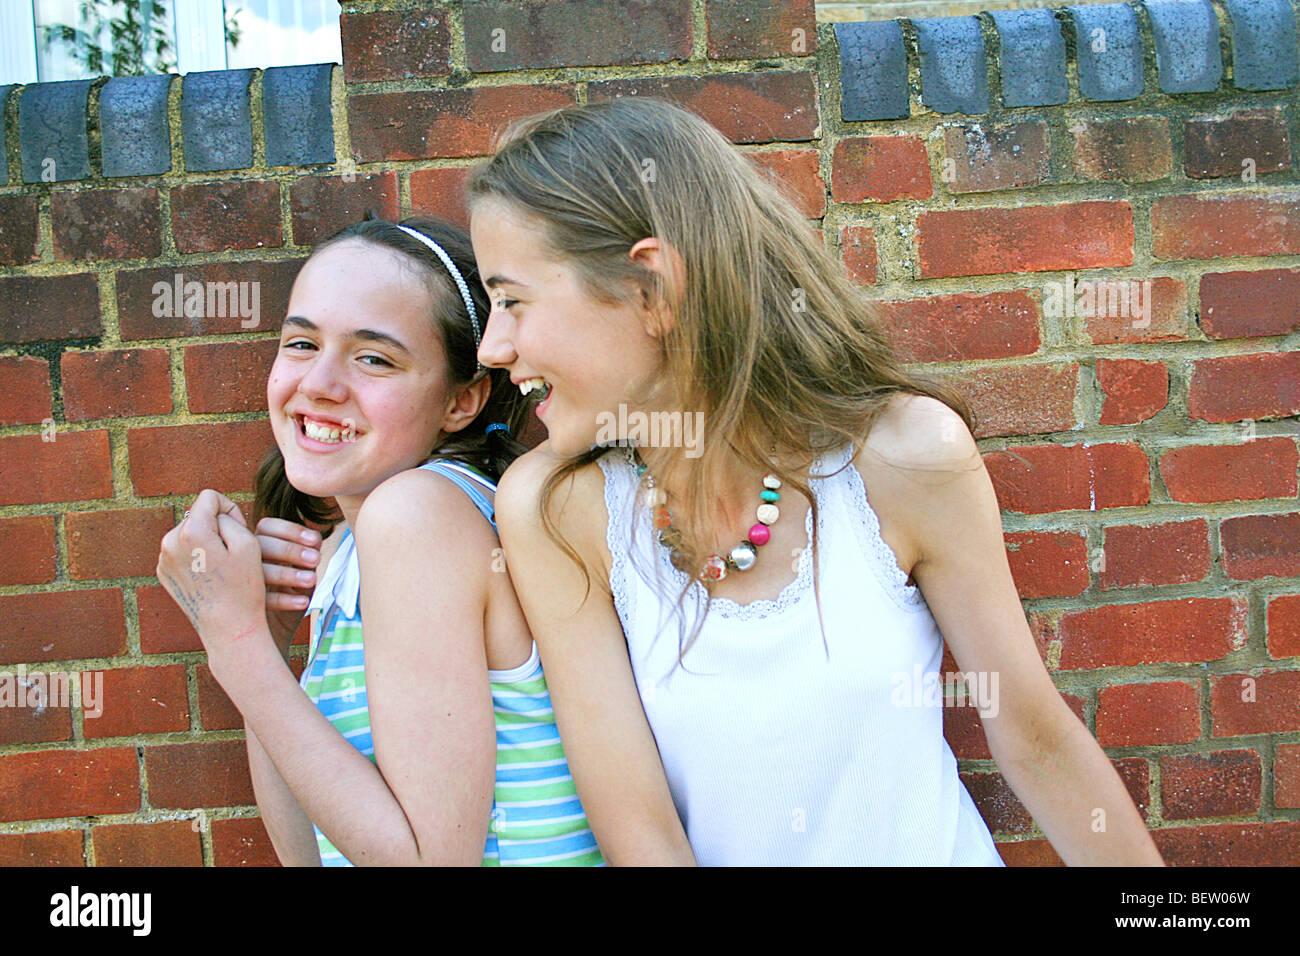 zwei Mädchen um Hanteln und Spaß Stockfoto